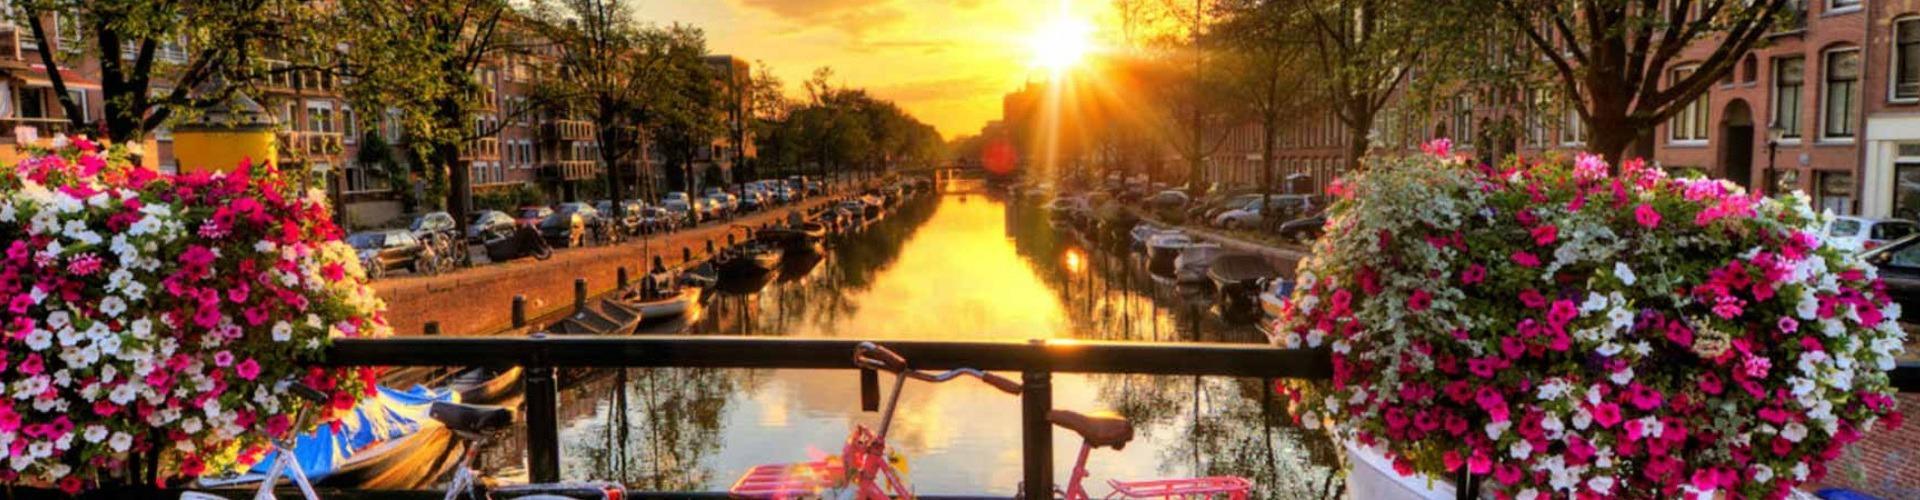 Hollandia – Amszterdam és az Északi-tenger